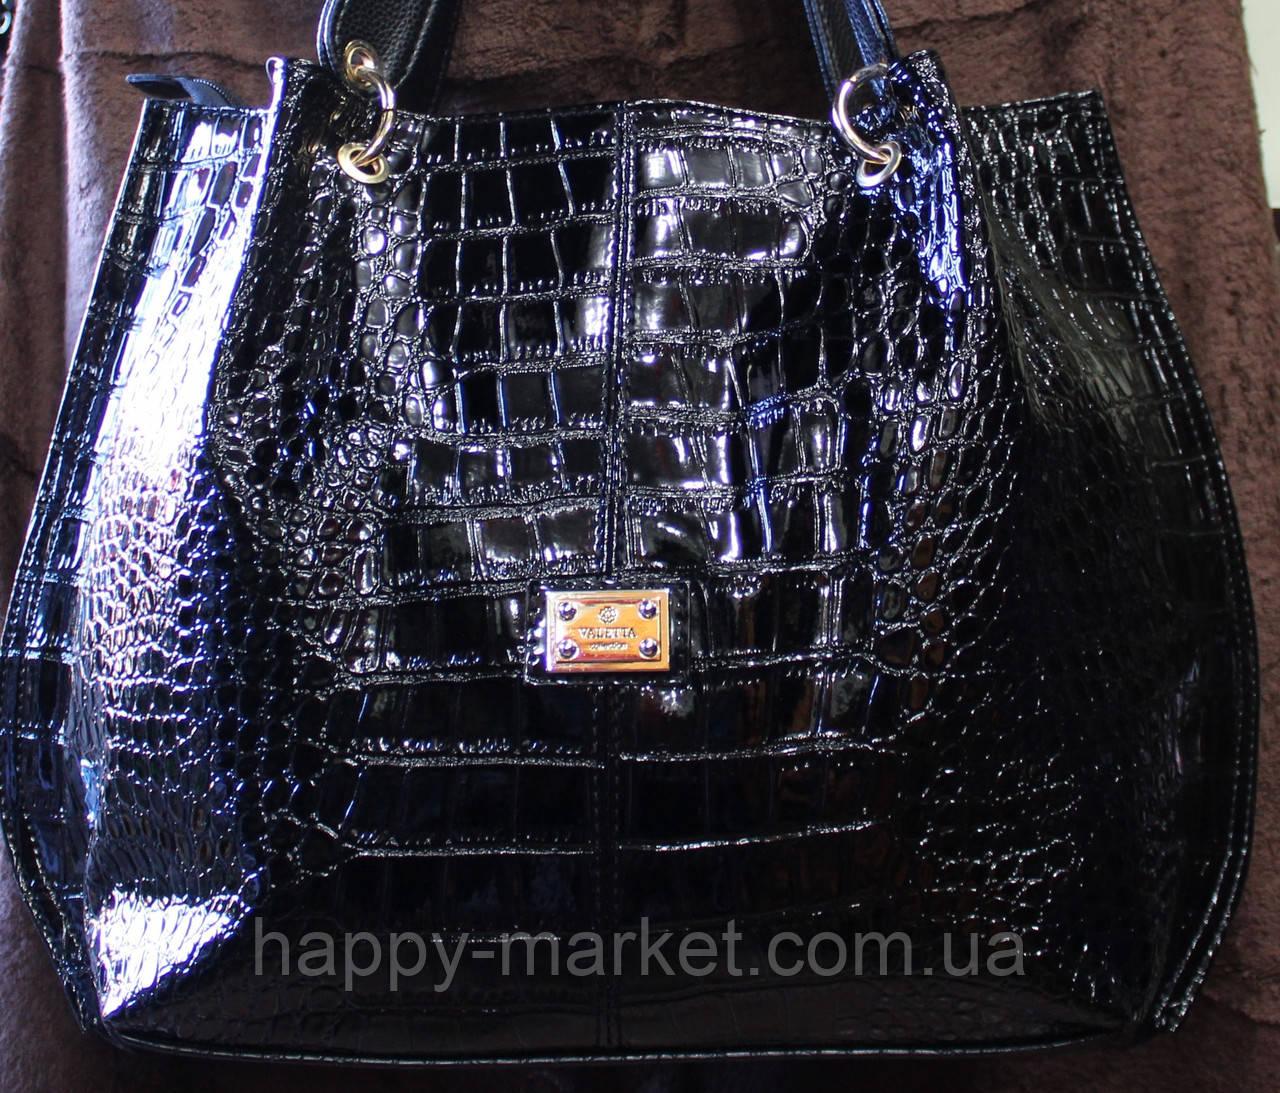 Сумка торба женская  Производитель Украина 17-1281